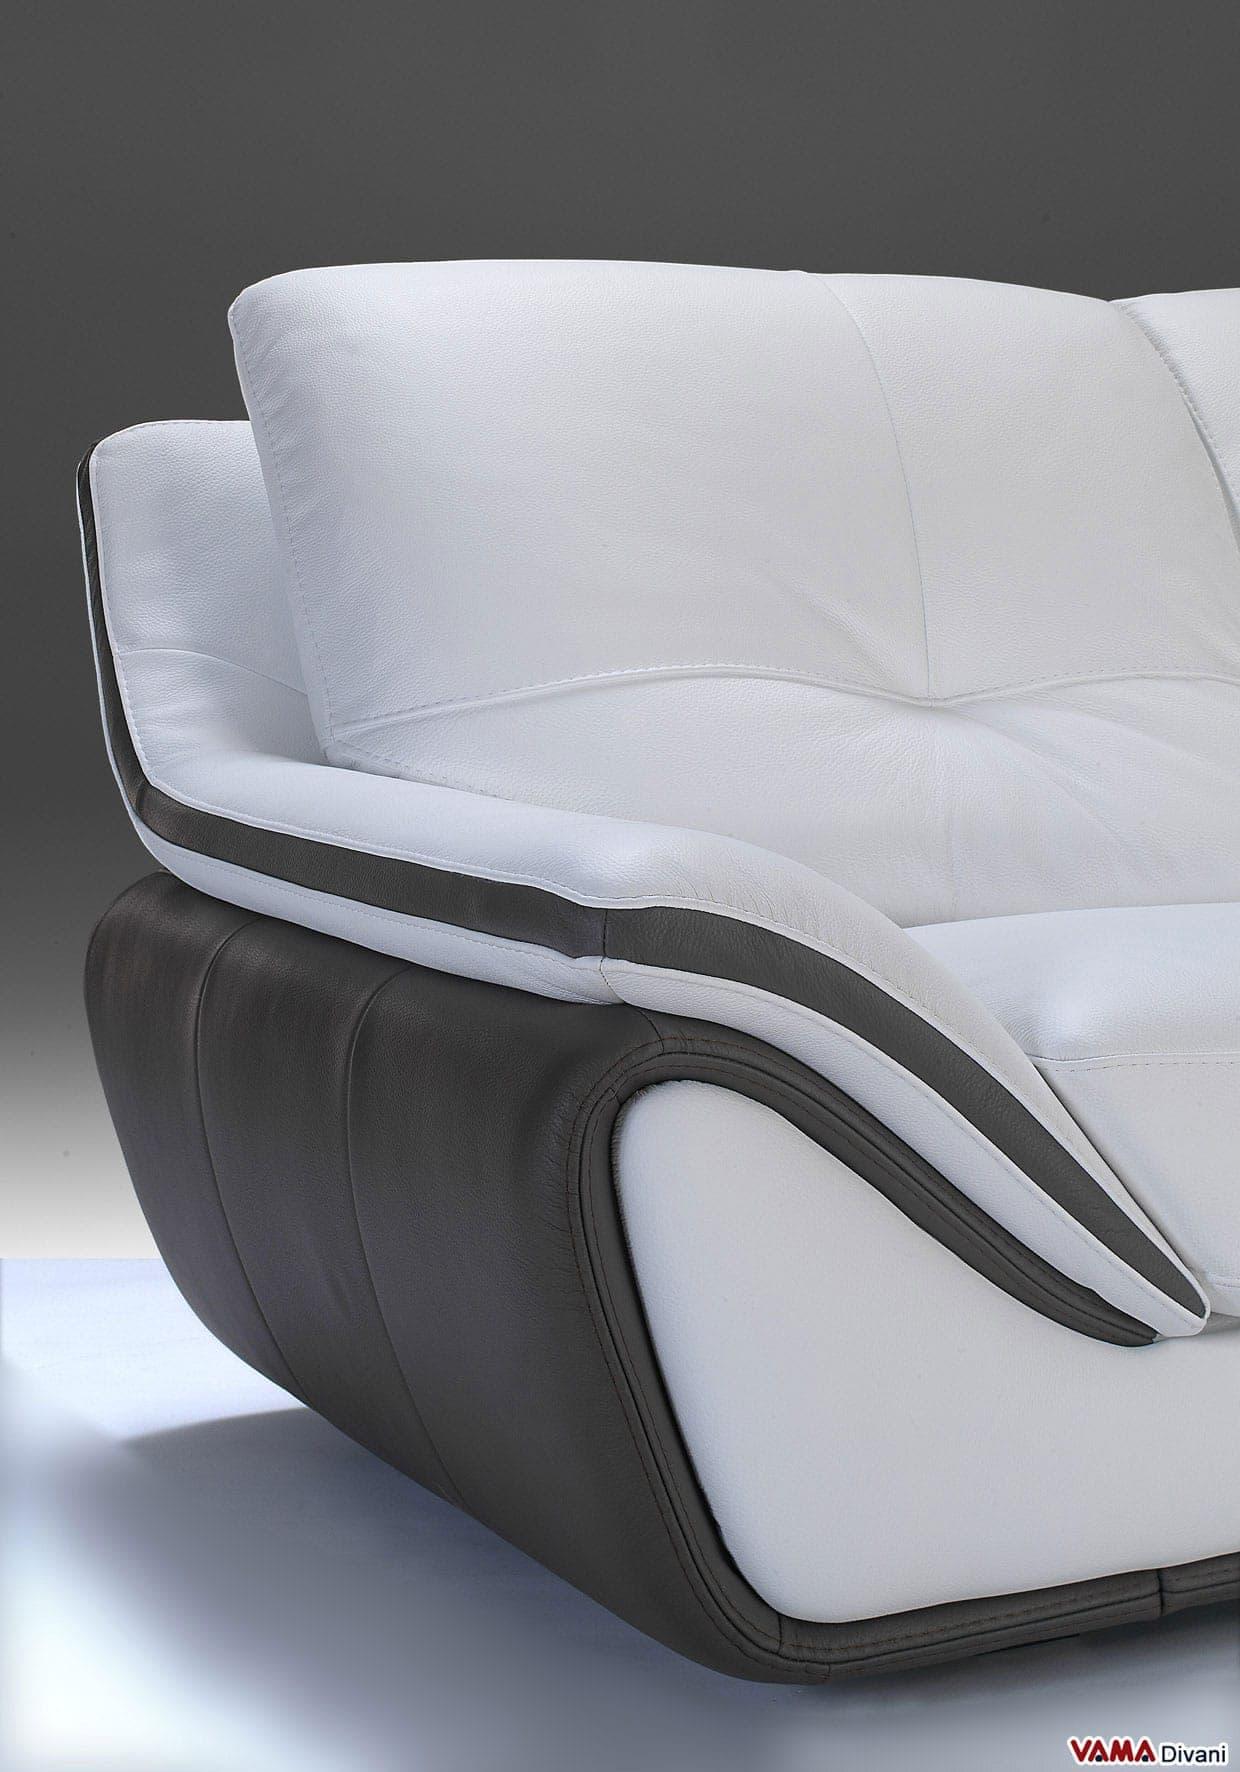 Divano moderno bicolore bora bora vama divani - Pelle del divano rovinata ...